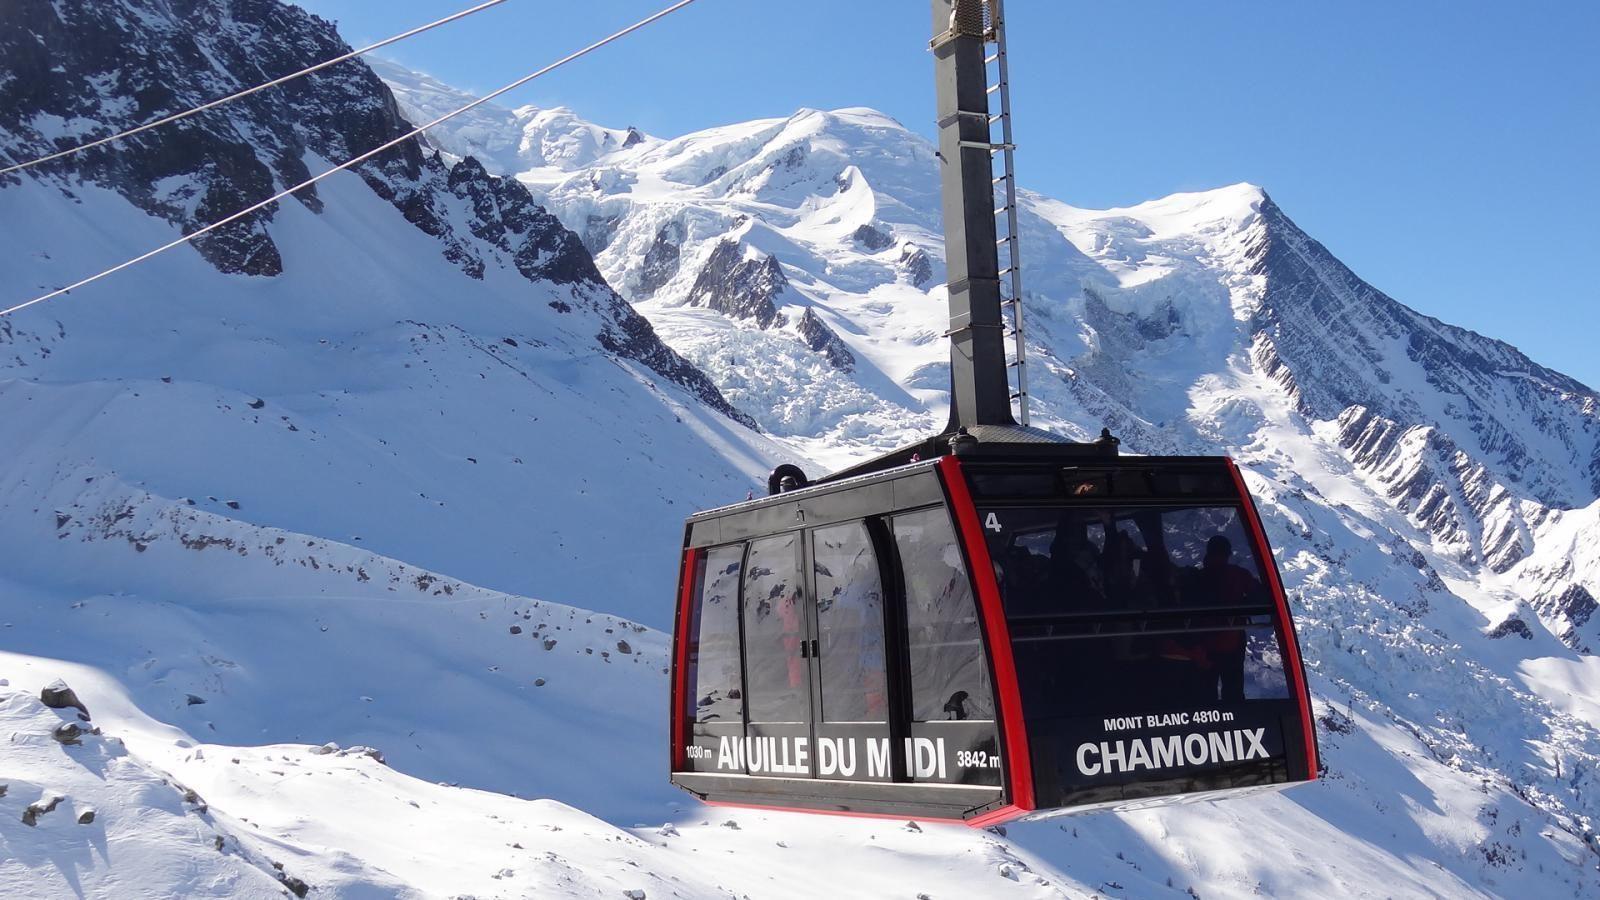 aiguille-du-midi-vallee-blanche-chamonix-mont-blanc-14288163830.jpg